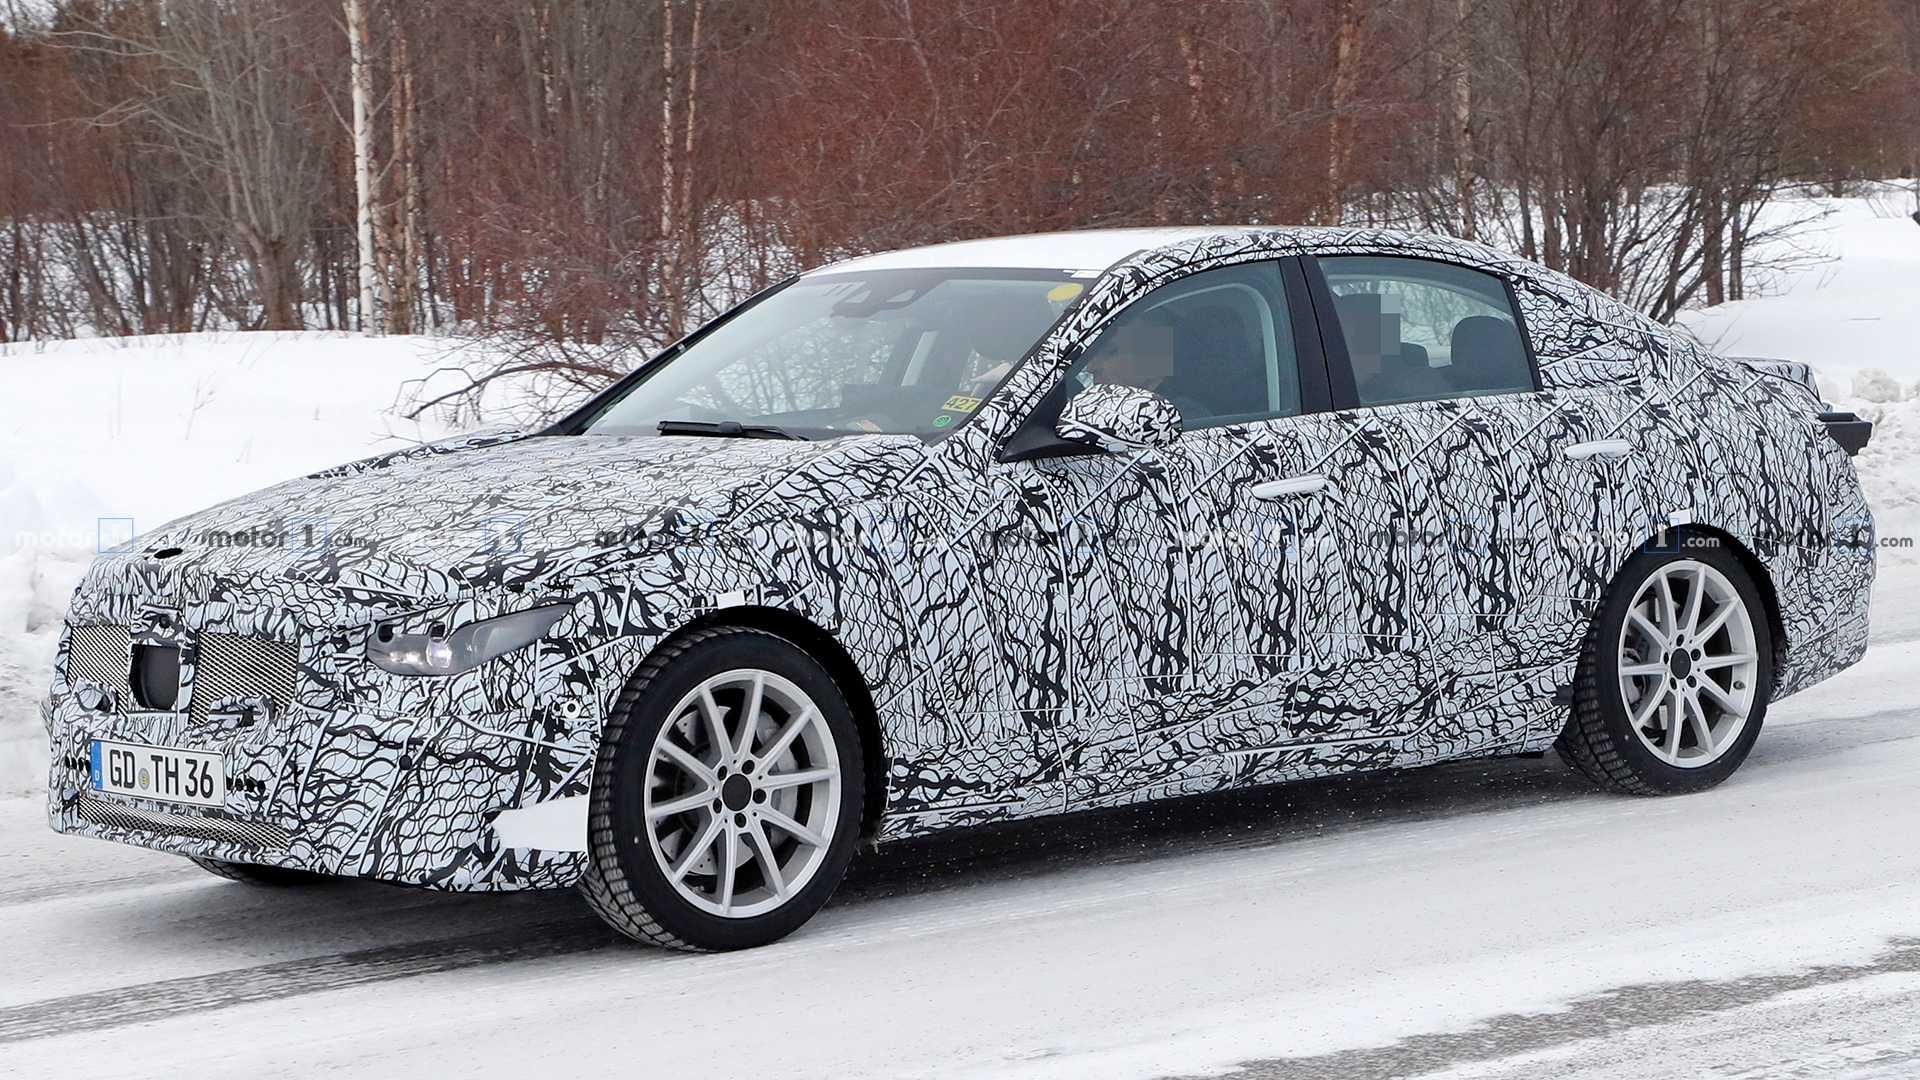 Появились изображения обновленного седана Mercedes C-класса